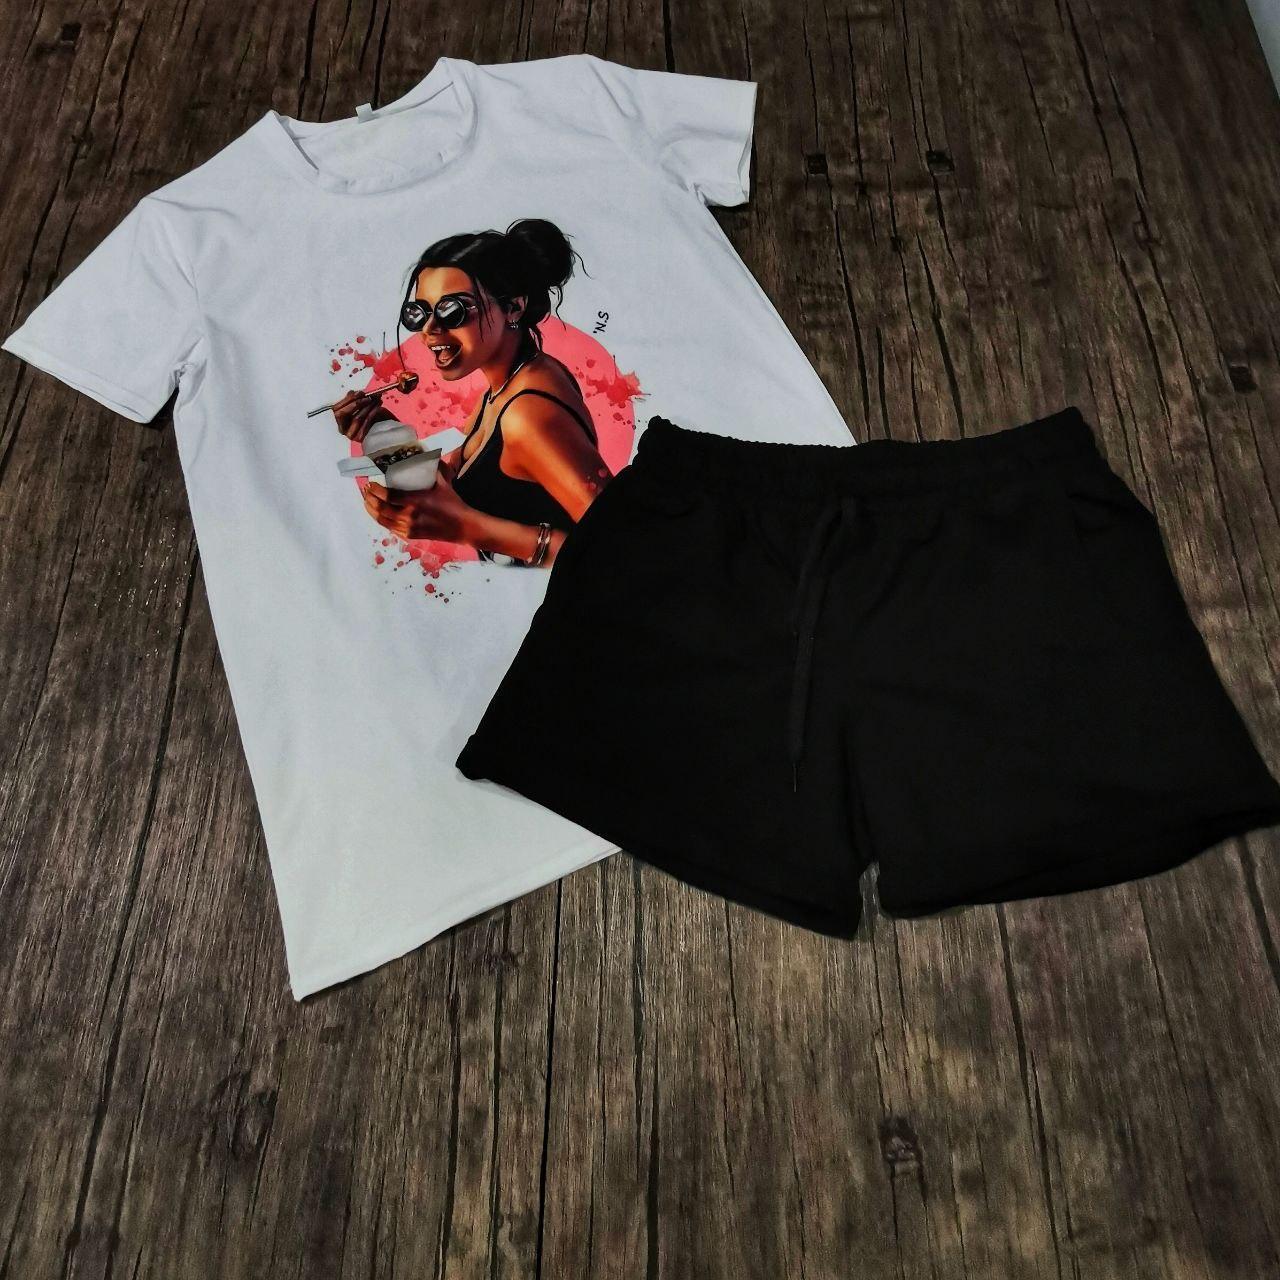 Женский костюм шорты с футболкой комплект Sushi белый с черным. Живое фото